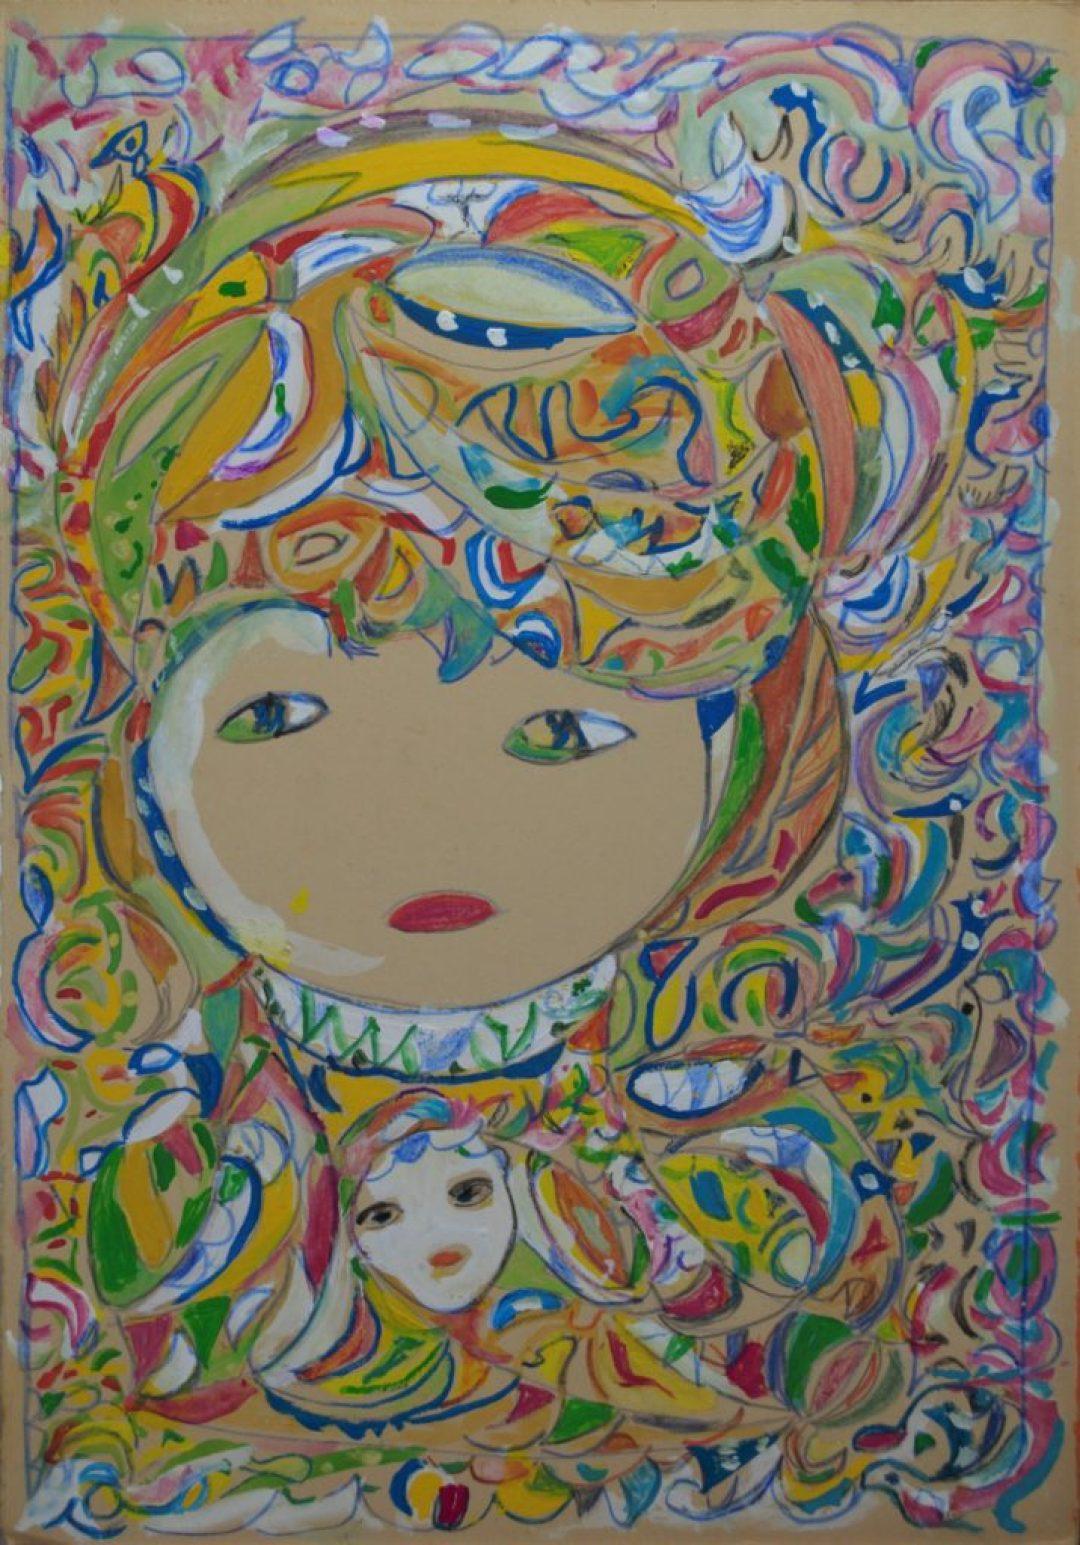 Martha Grünenwaldt, sans titre, nd, dessin au crayon gris, crayons de couleur et gouache sur papier, 48 x 34 cm